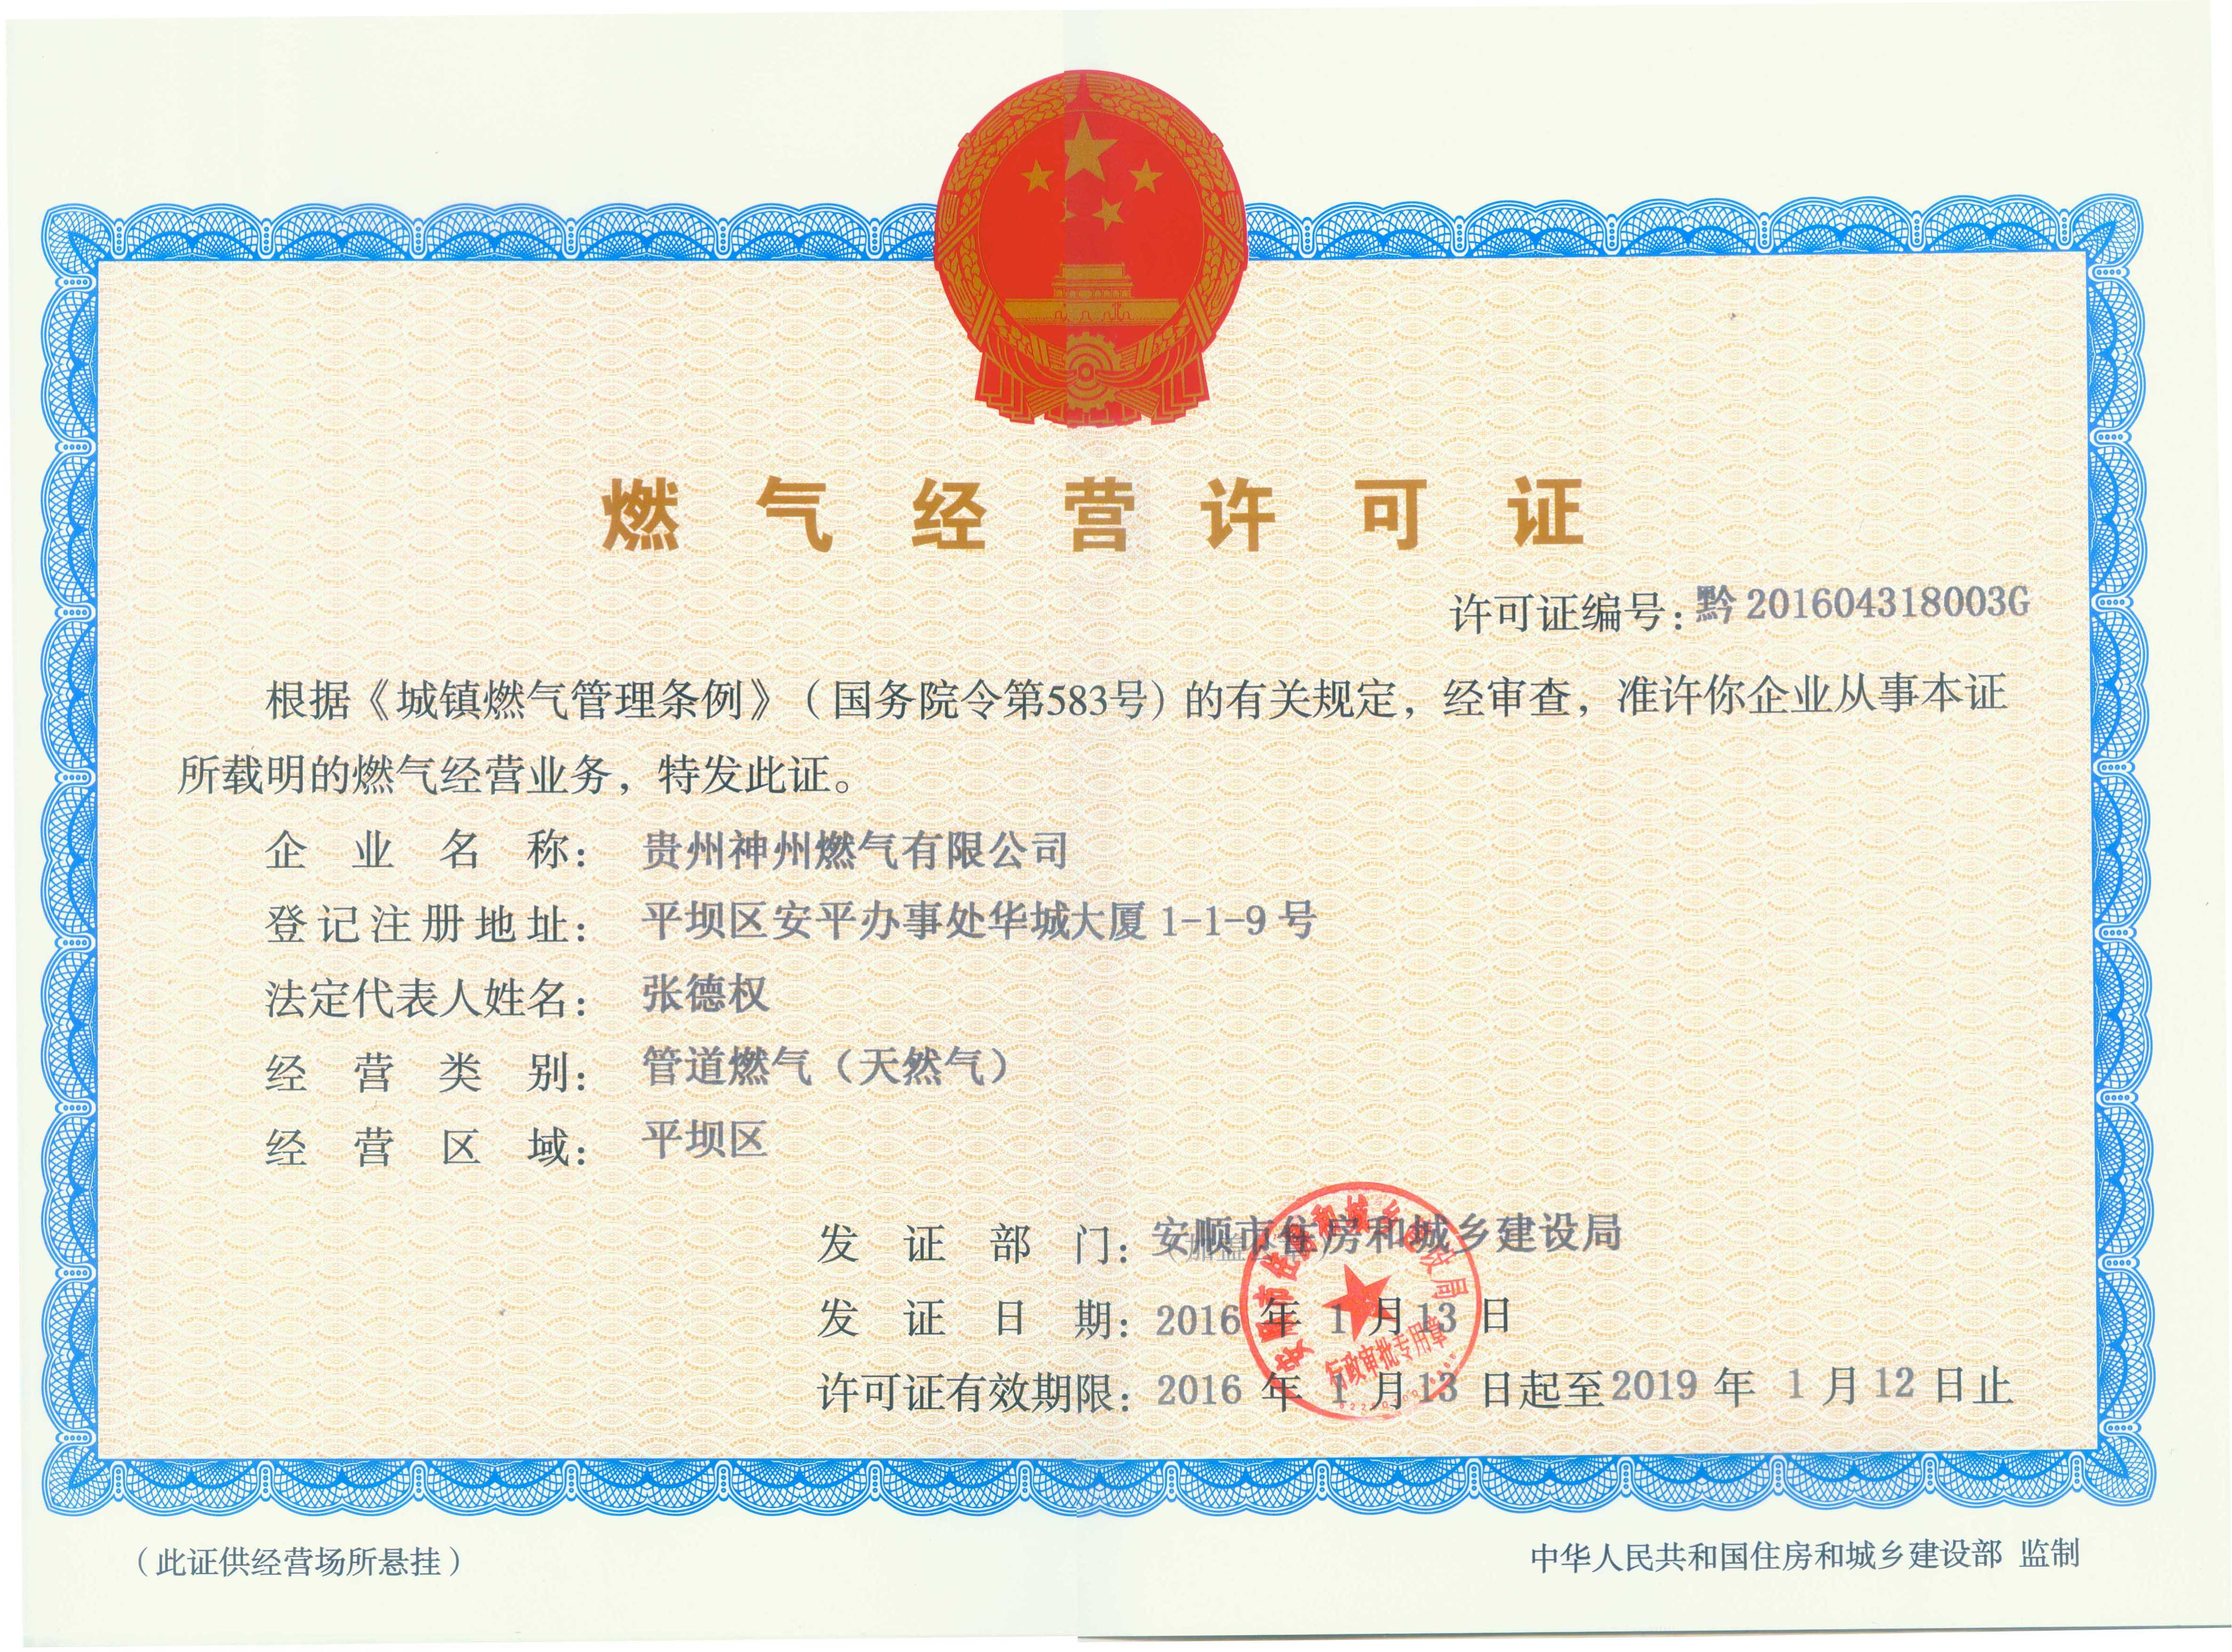 贵州万博官网app下载公司manbetx万博移动版下载许可证.jpg